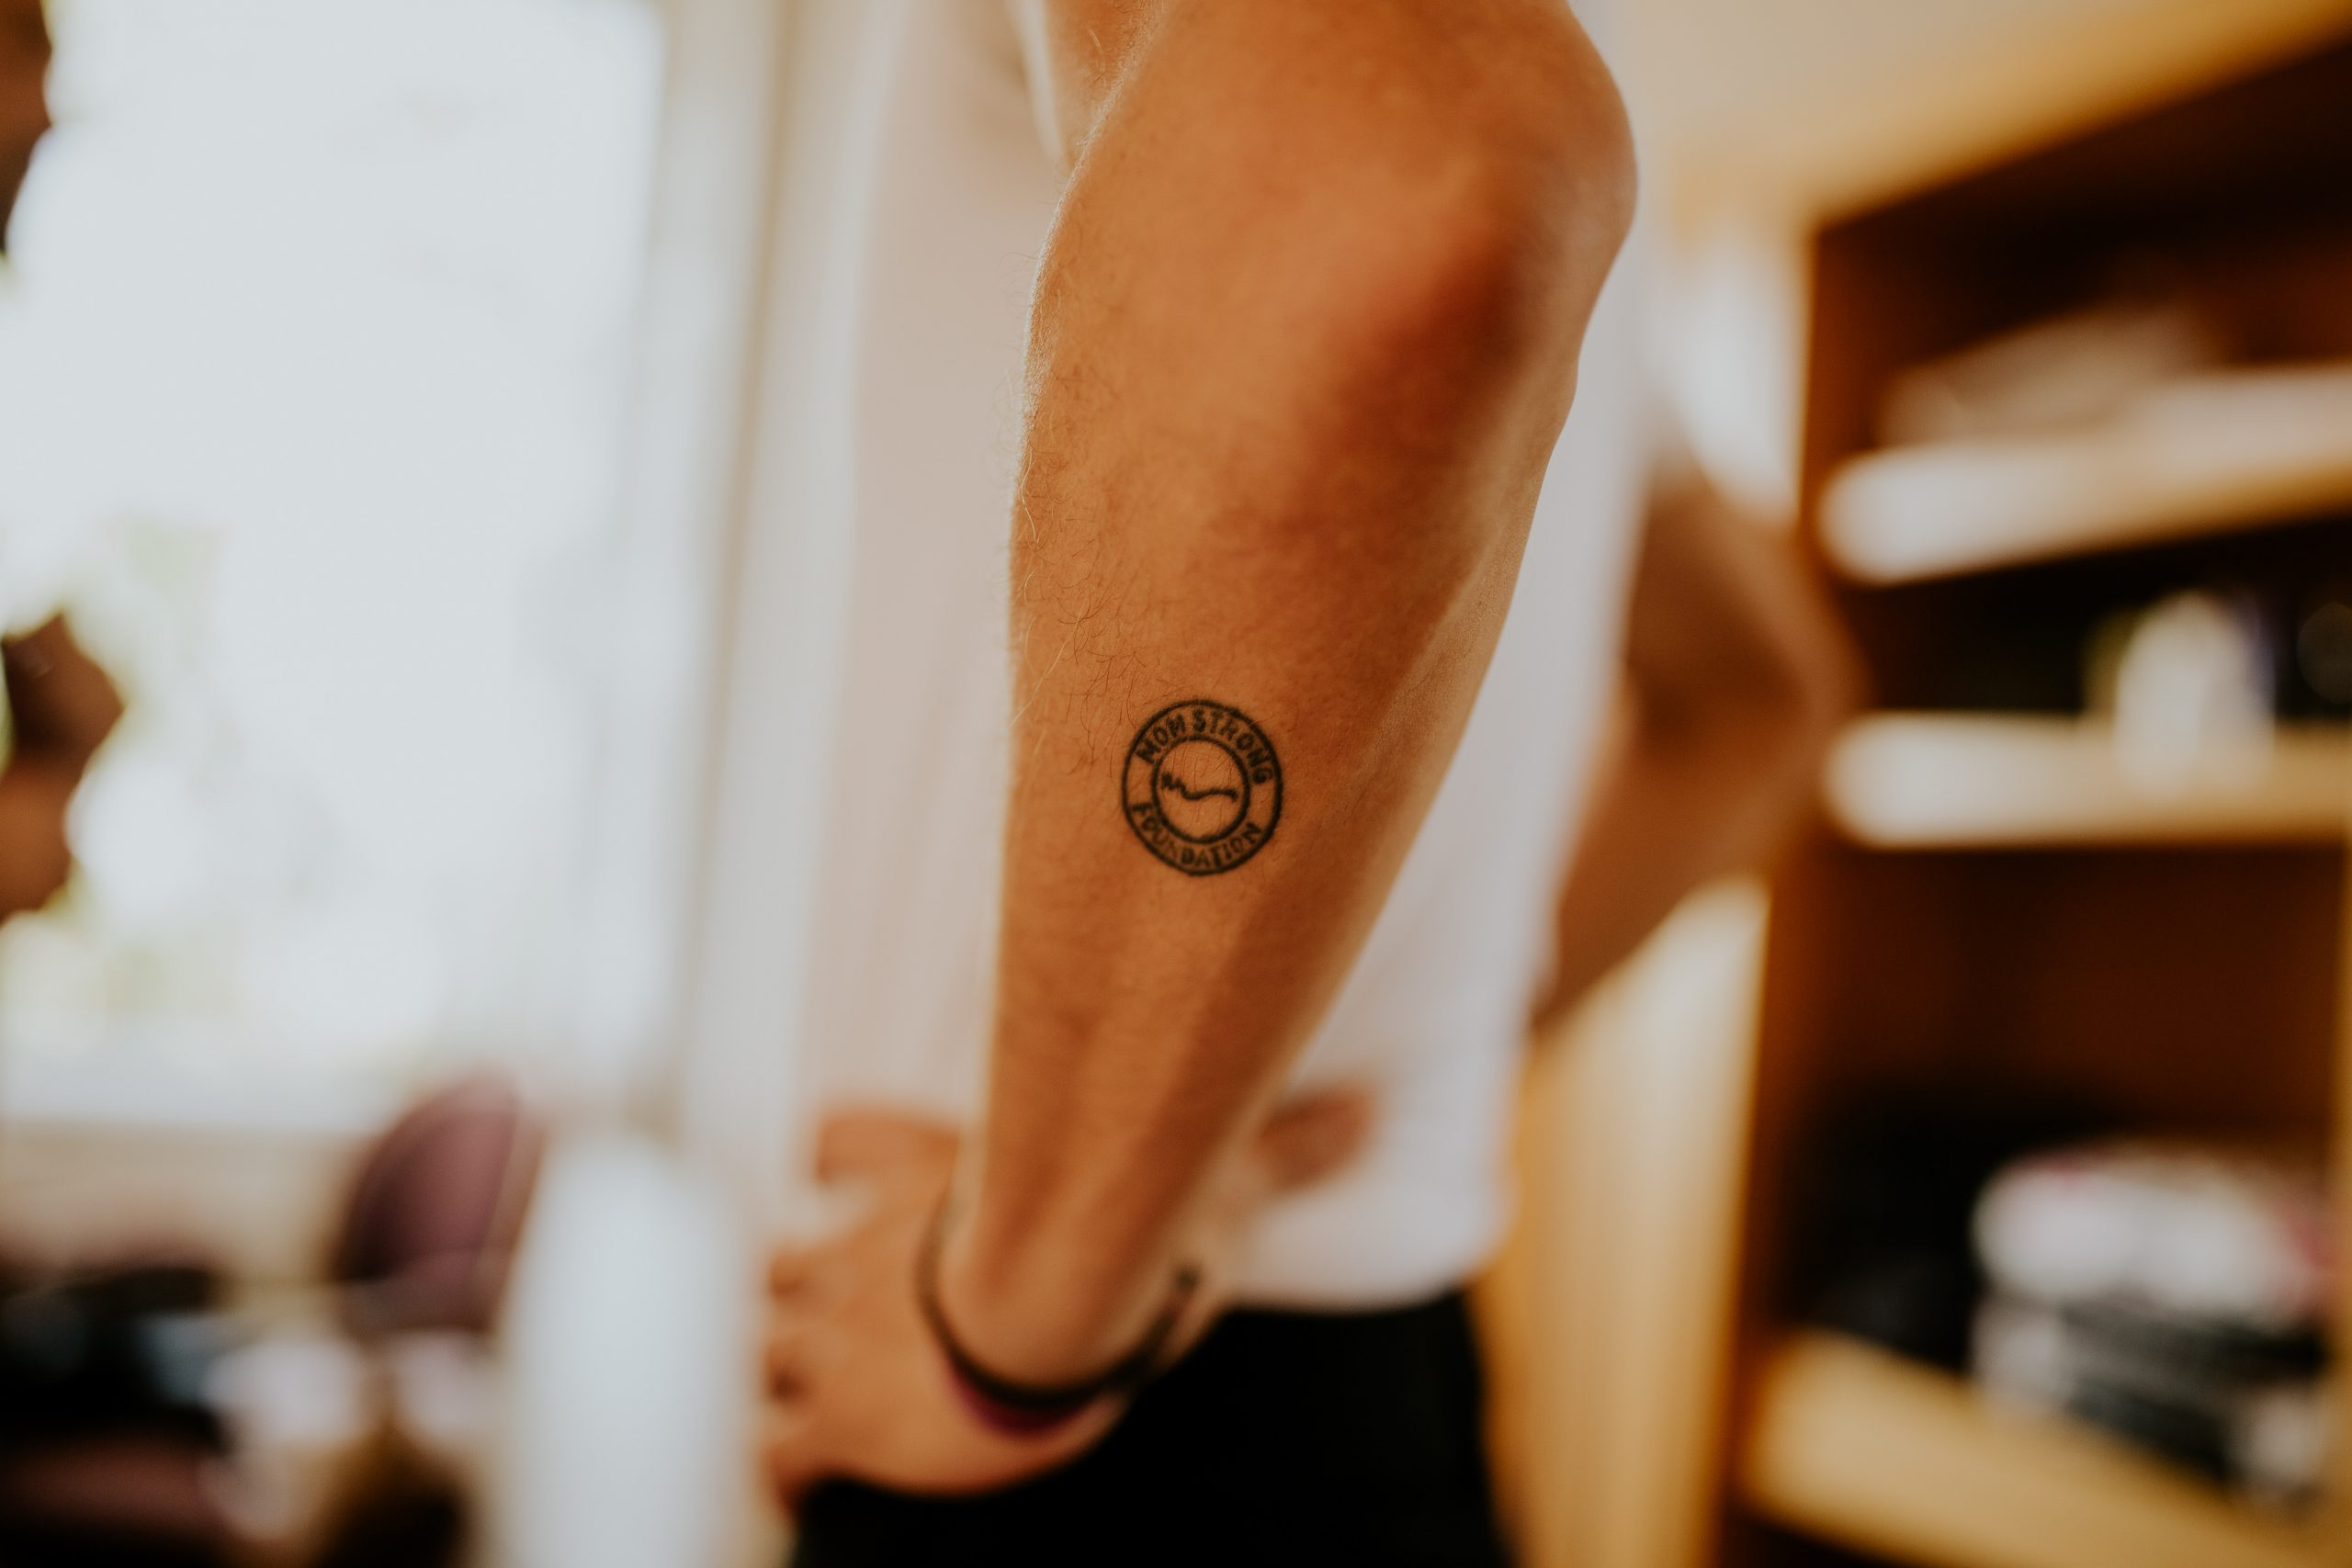 man arm tattoo detail